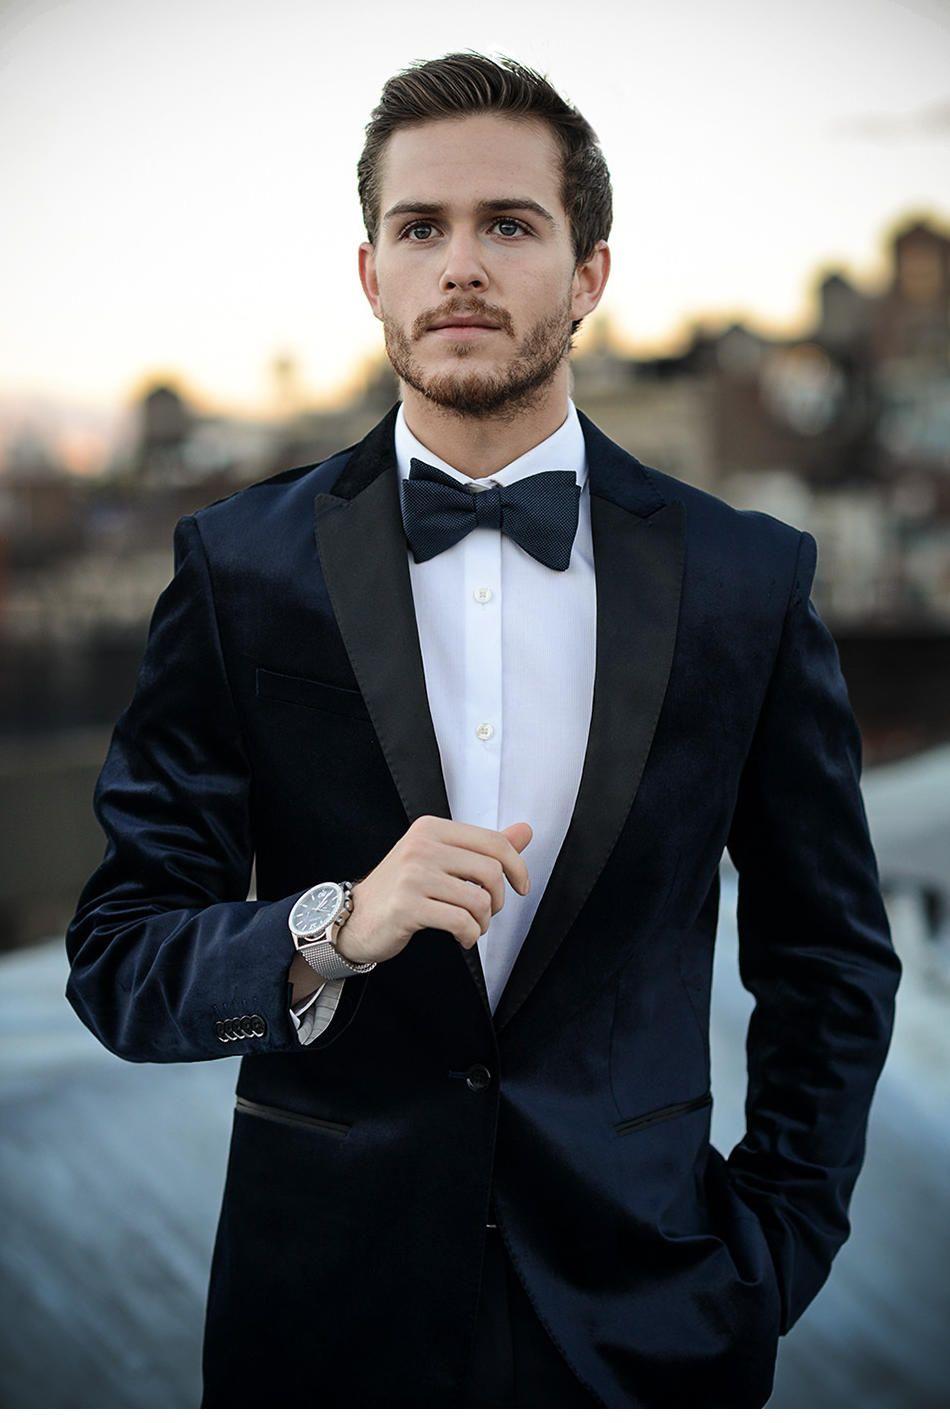 88142d9806c5e Birbirinden Güzel Erkek Düğün , Nişan Saç Modelleri 2017 -2018 Sezonu  Düğünler, kadın olsun erkek olsun gelinlik ve damatlık gibi özel  kıyafetlerin ...